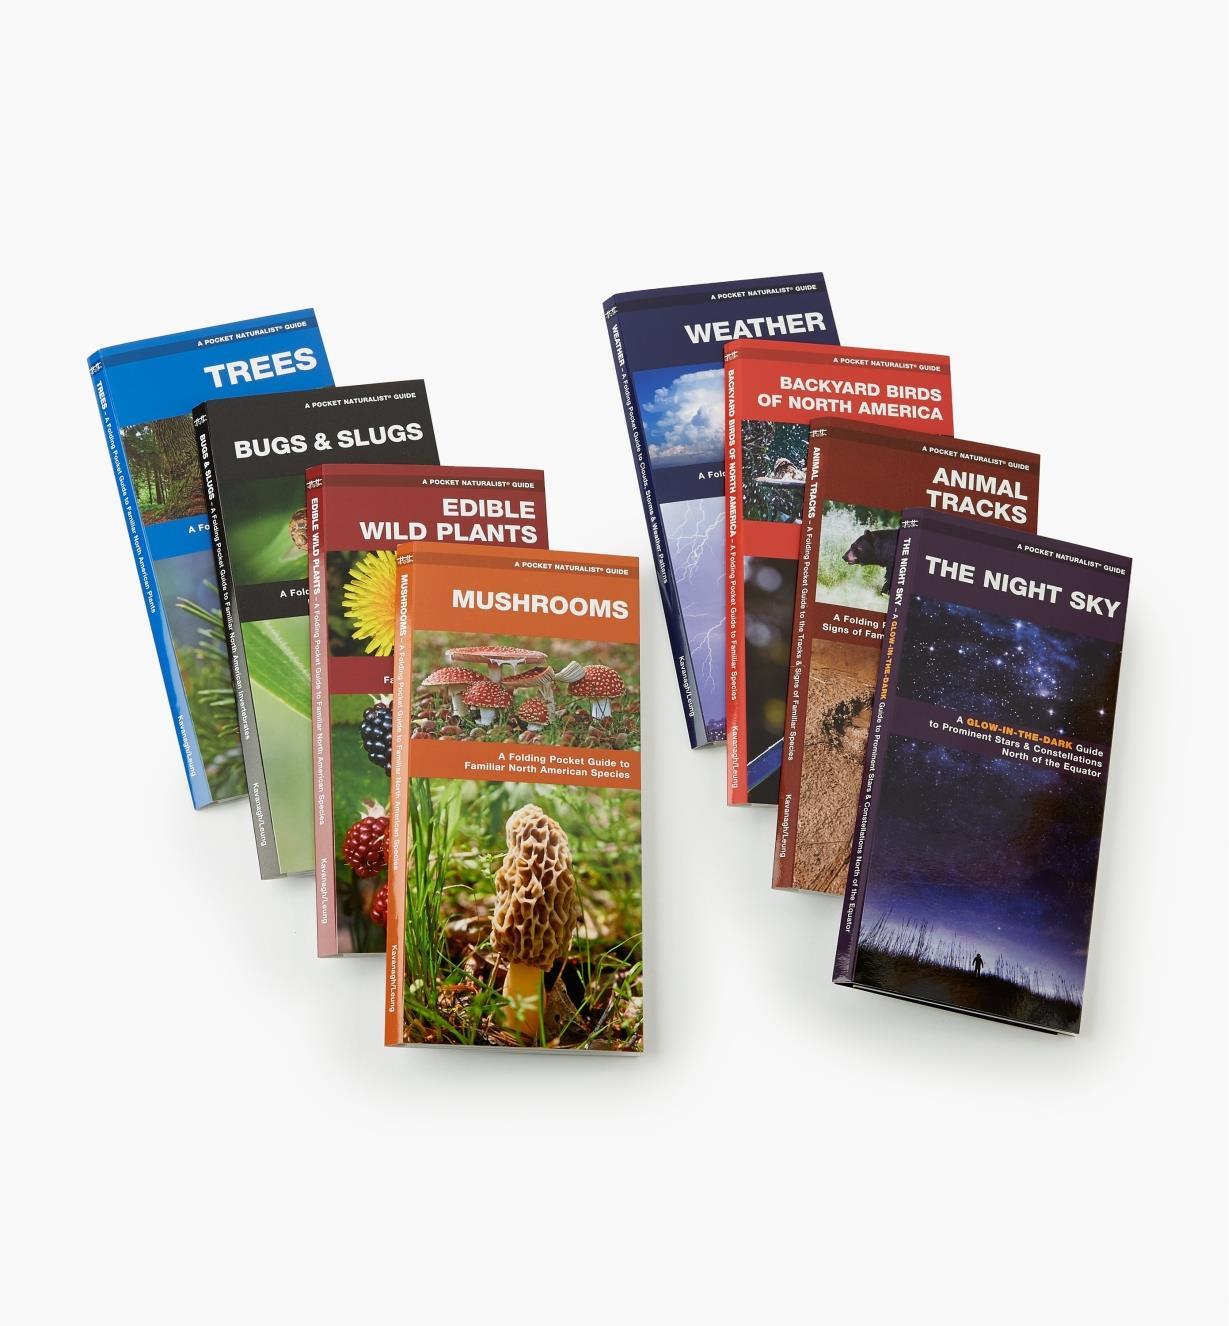 LA261 - Set of Eight Pocket Guides (Night Sky, Animal Tracks, Bkyd. Birds, Weather, Mushrooms, Edible Wild Plants, Bugs & Slugs, Trees)